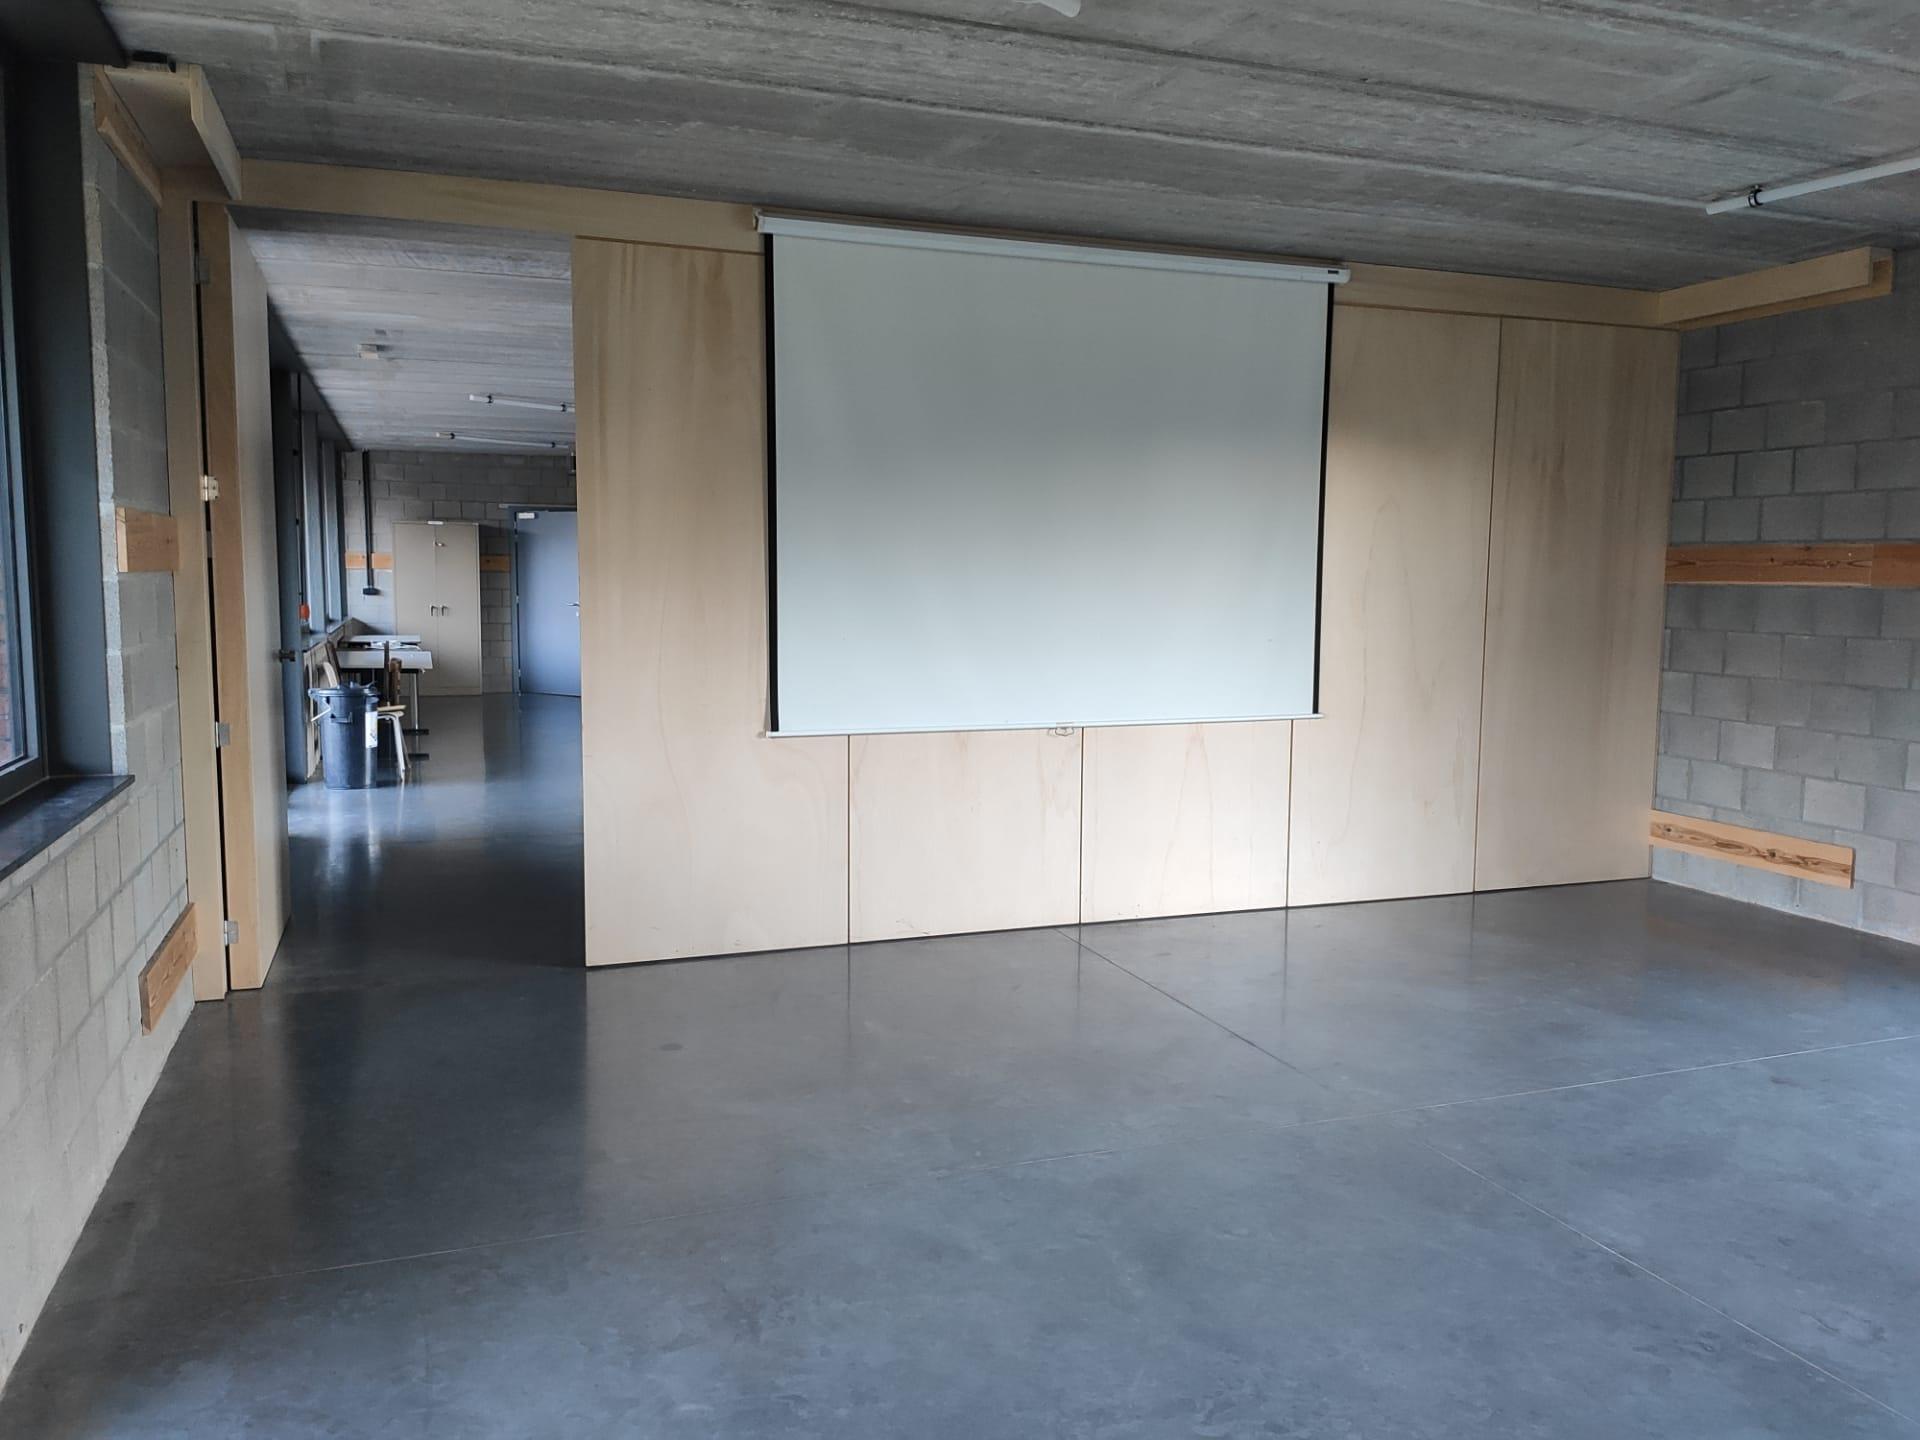 deugnietenlokaal verwijderbare wand en beamerscherm